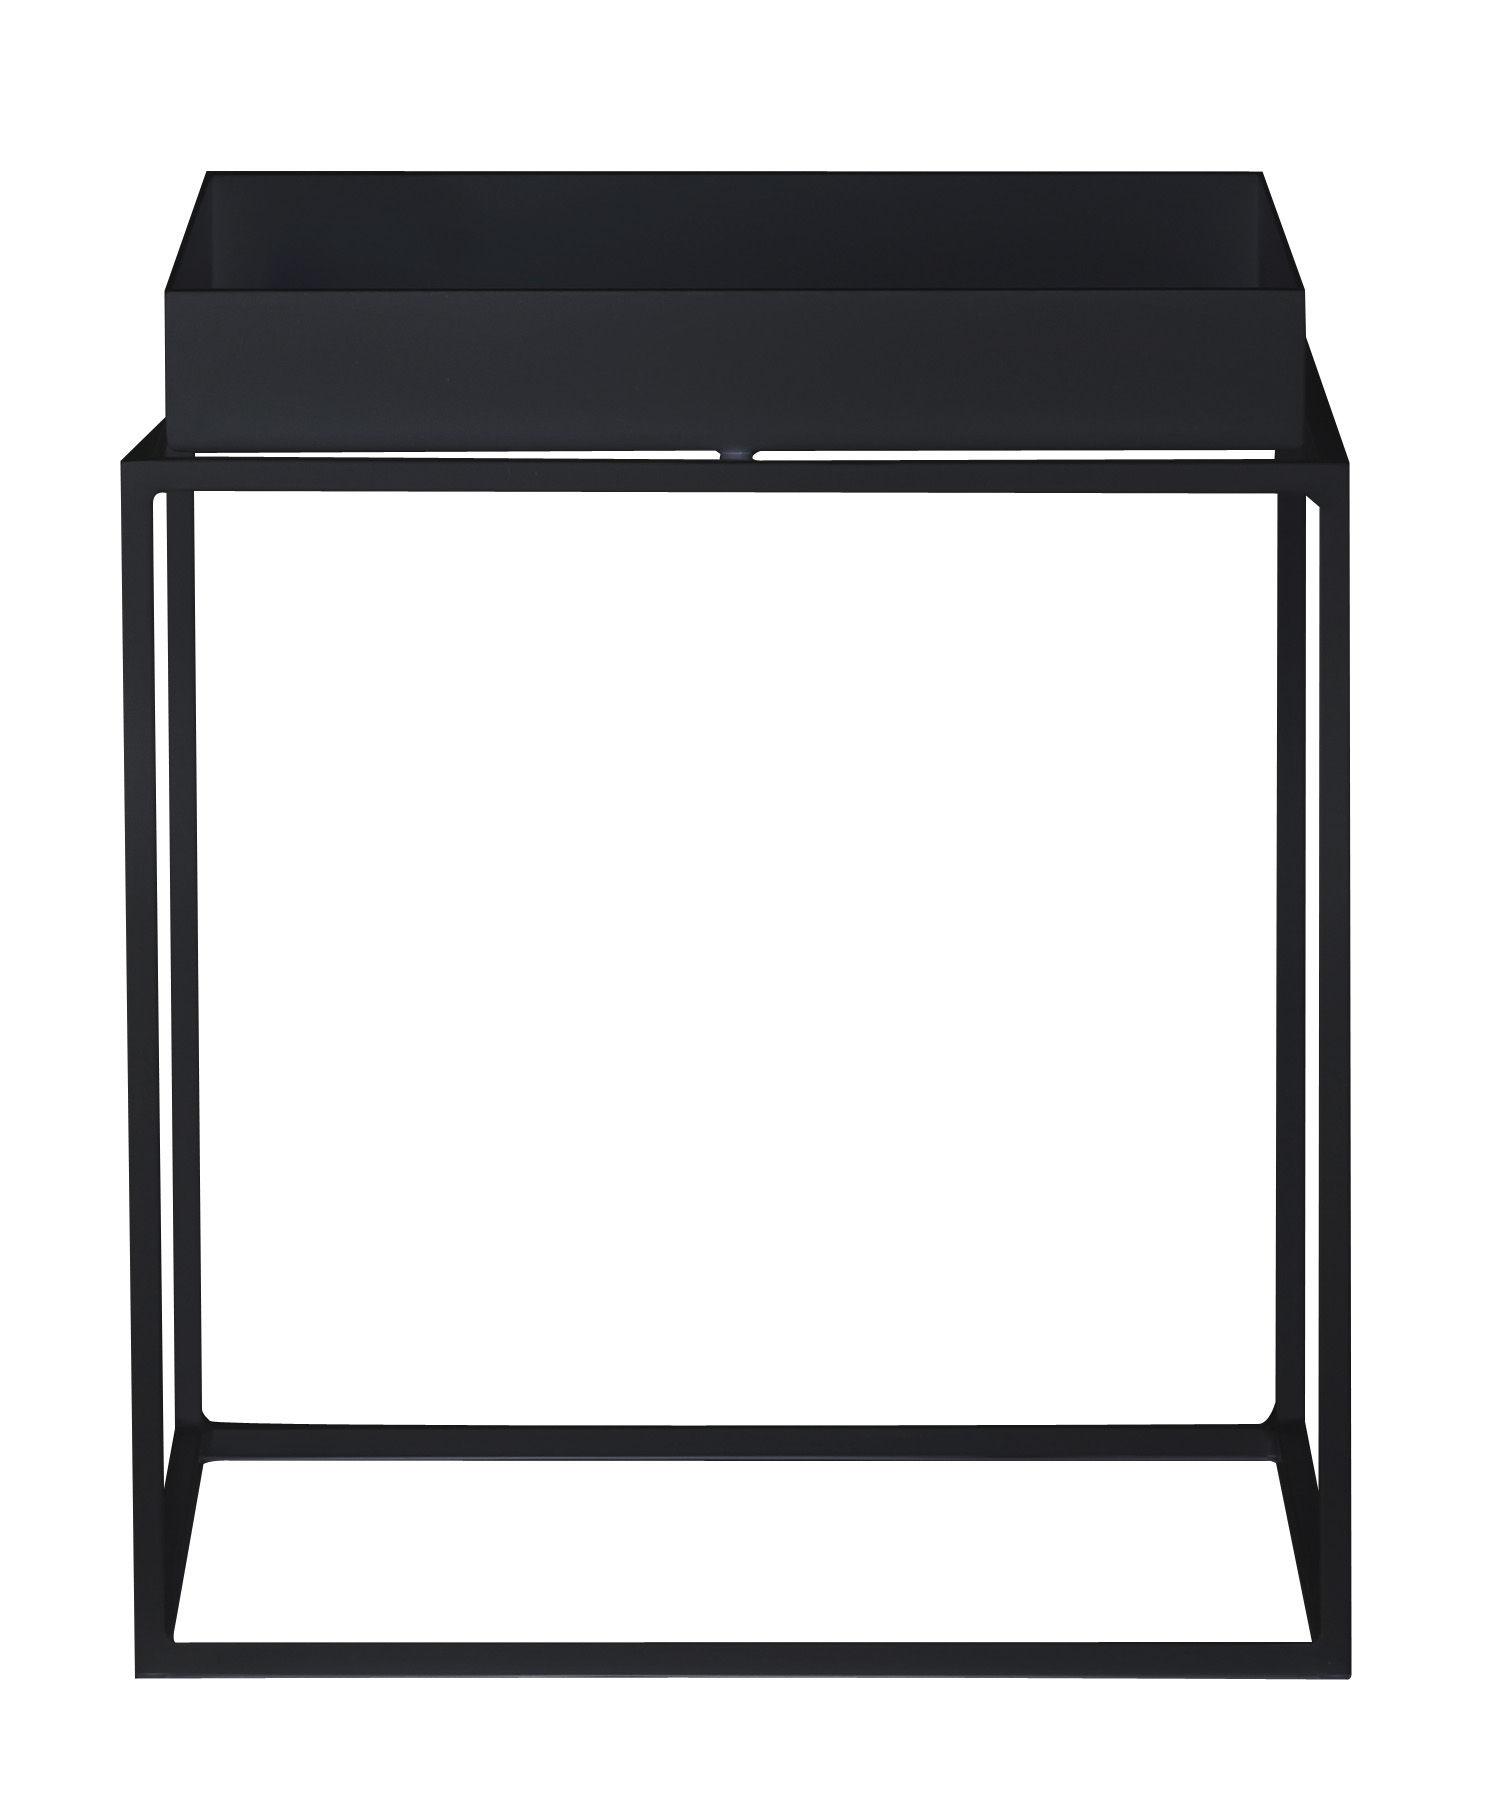 Mobilier - Tables basses - Table basse Tray H 40 cm / 40 x 40 cm - Carré - Hay - Noir - Acier laqué